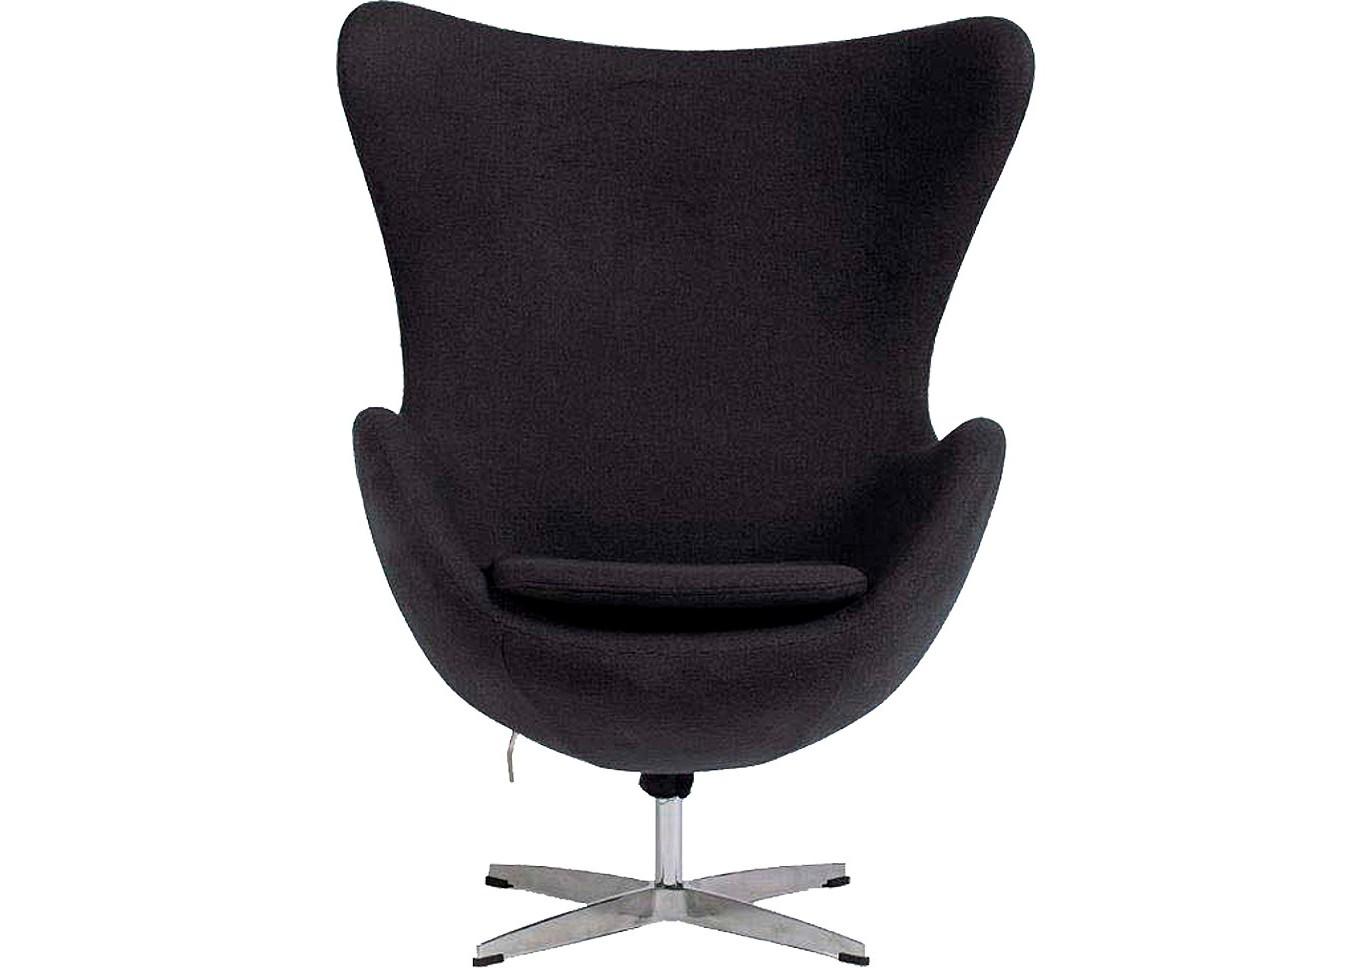 Кресло Egg ChairКресла с высокой спинкой<br>Кресло Egg Chair (Яйцо) было создано в 1958 году датским дизайнером Арне Якобсеном специально для интерьеров отеля Radisson SAS в Копенгагене. Кресло обладает исключительной привлекательностью и узнаваемостью во всем мире, занимает особое место в ряду культовой дизайнерской мебели XX века. Оно имеет экстравагантную форму и неординарное исполнение, что позволило ему стать совершенным воплощением классики нового времени. Кресло Egg Chair, выполненное в форме яйца, обтянутого кашемировой тканью, подарит огромное множество положительных эмоций и заставляет обращать на него внимание. Оно непременно задаёт основу для дизайна того или иного помещения. Прочный и массивный каркас гарантирует долгий срок службы и устойчивость. Данное кресло — это поистине не стареющая классика в футуристическом исполнении! Купите великолепную реплику кресла Egg Chair — изготовленное из высококачественных материалов, оно понравится многим любителям нестандартного видения обыденных и, притом, качественных вещей.<br><br>Material: Кашемир<br>Width см: 82<br>Depth см: 76<br>Height см: 105